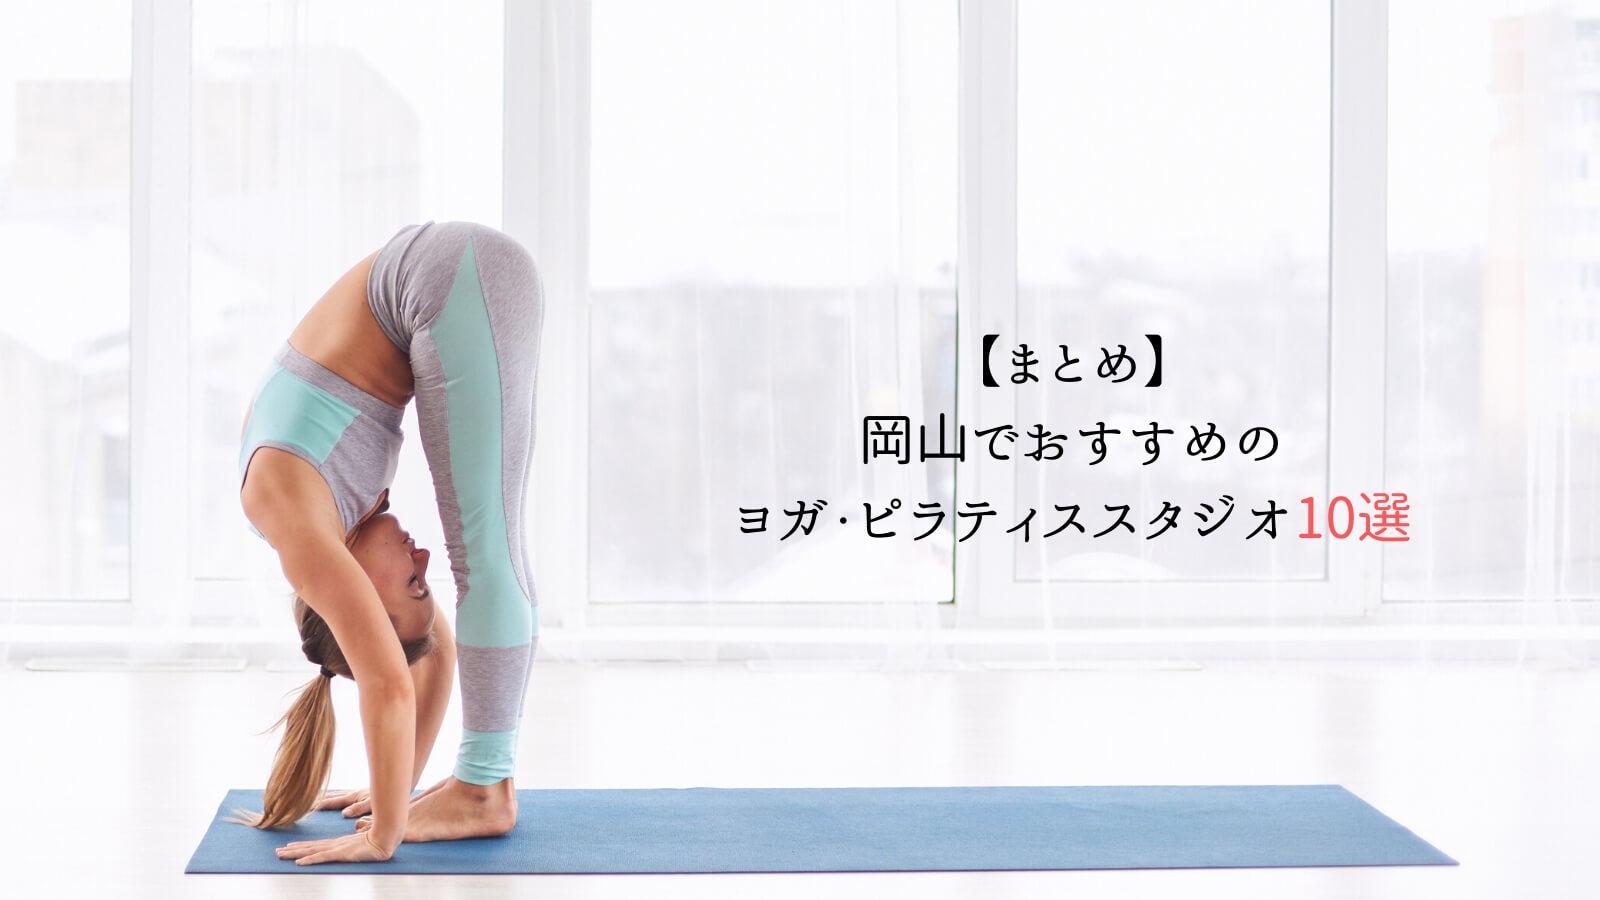 【まとめ】岡山でおすすめのヨガ・ピラティススタジオ10選